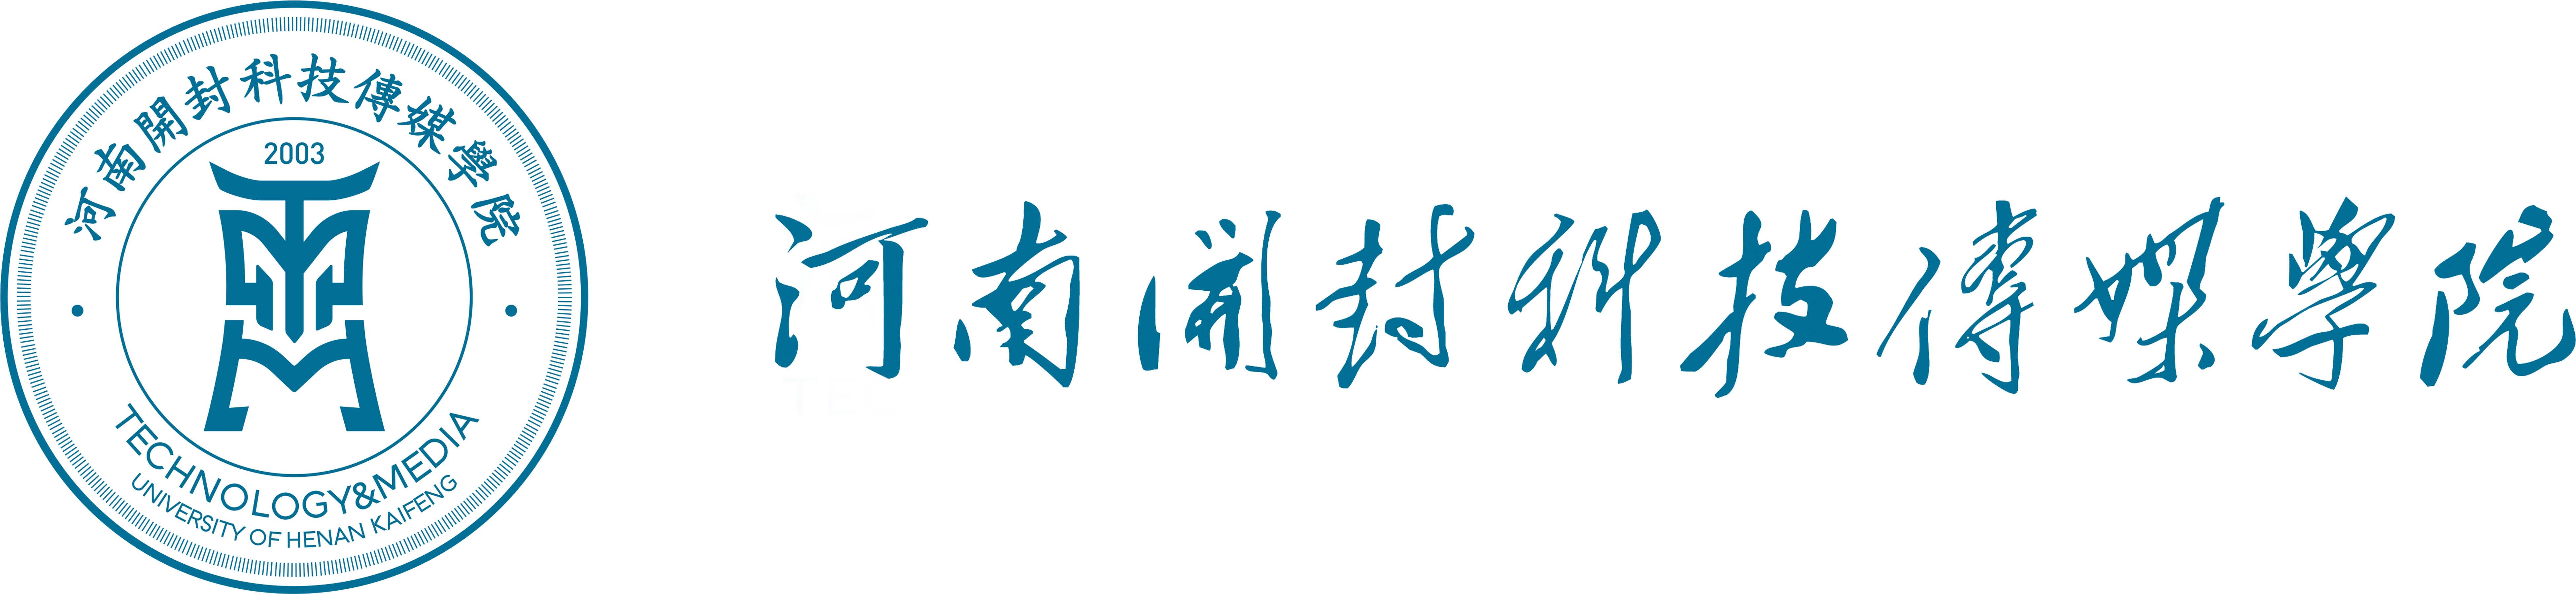 最终毛体校徽上传_副本